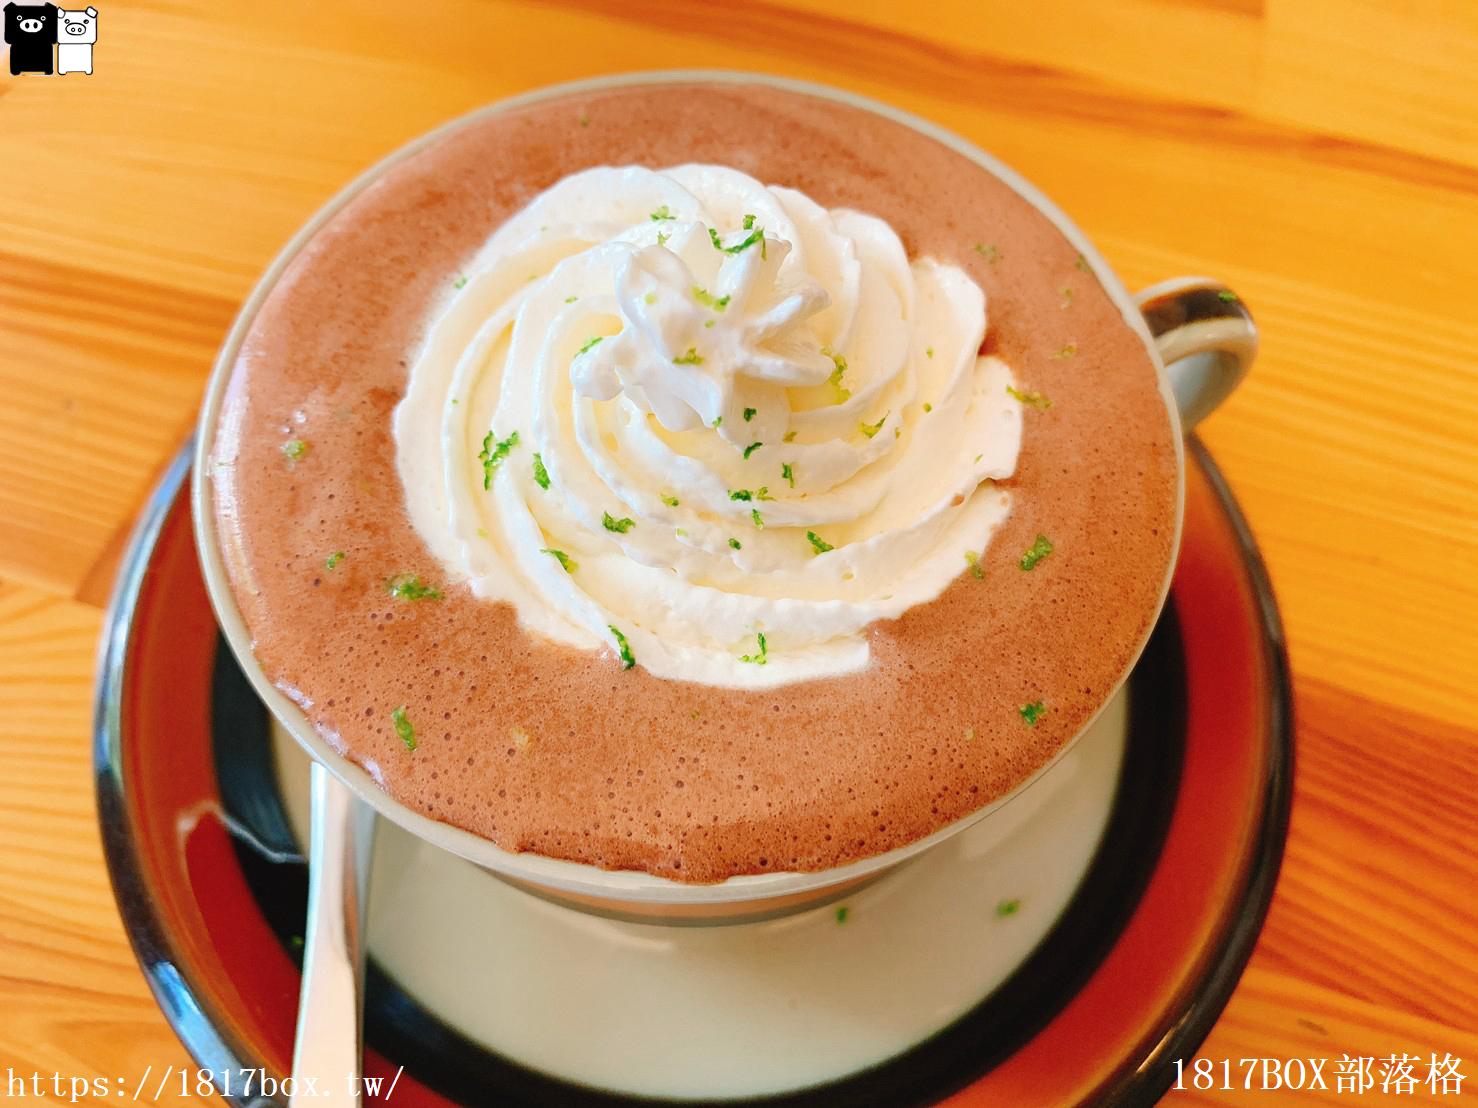 【彰化市】THE planet 星球咖啡。下午茶 @1817BOX部落格